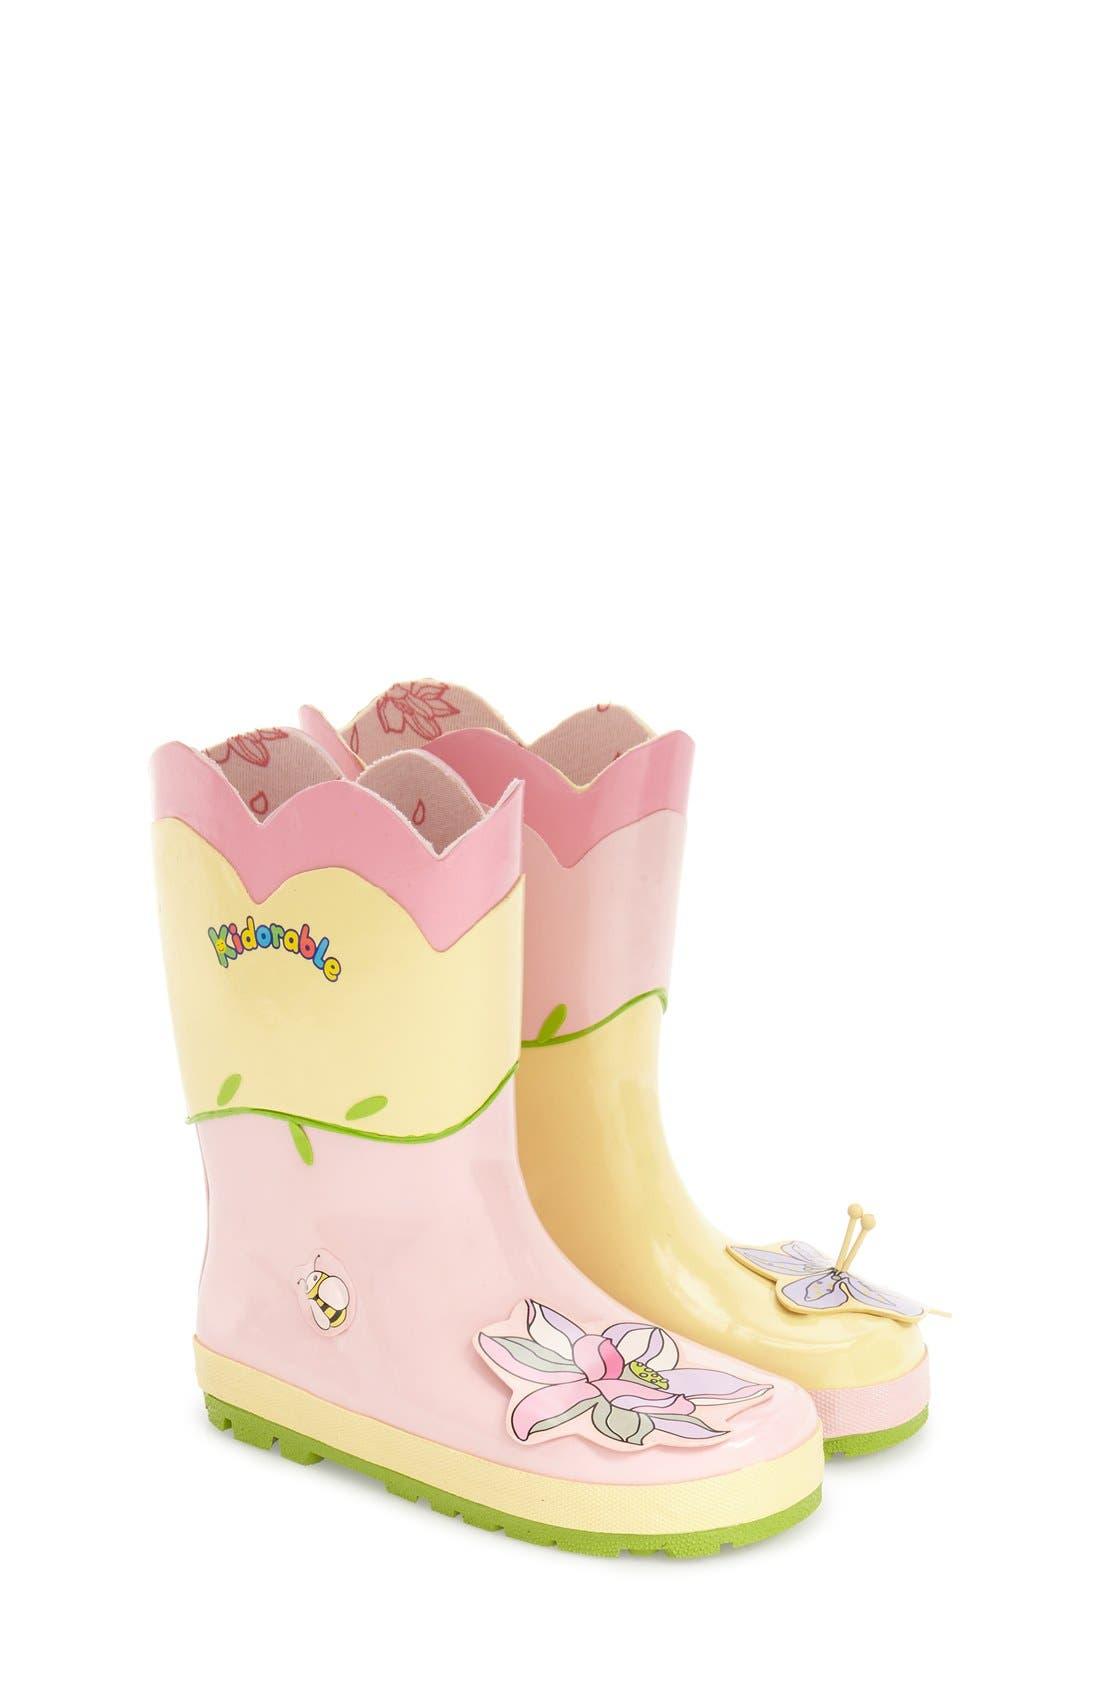 Alternate Image 1 Selected - Kidorable 'Lotus' Waterproof Rain Boot (Walker, Toddler & Little Kid)